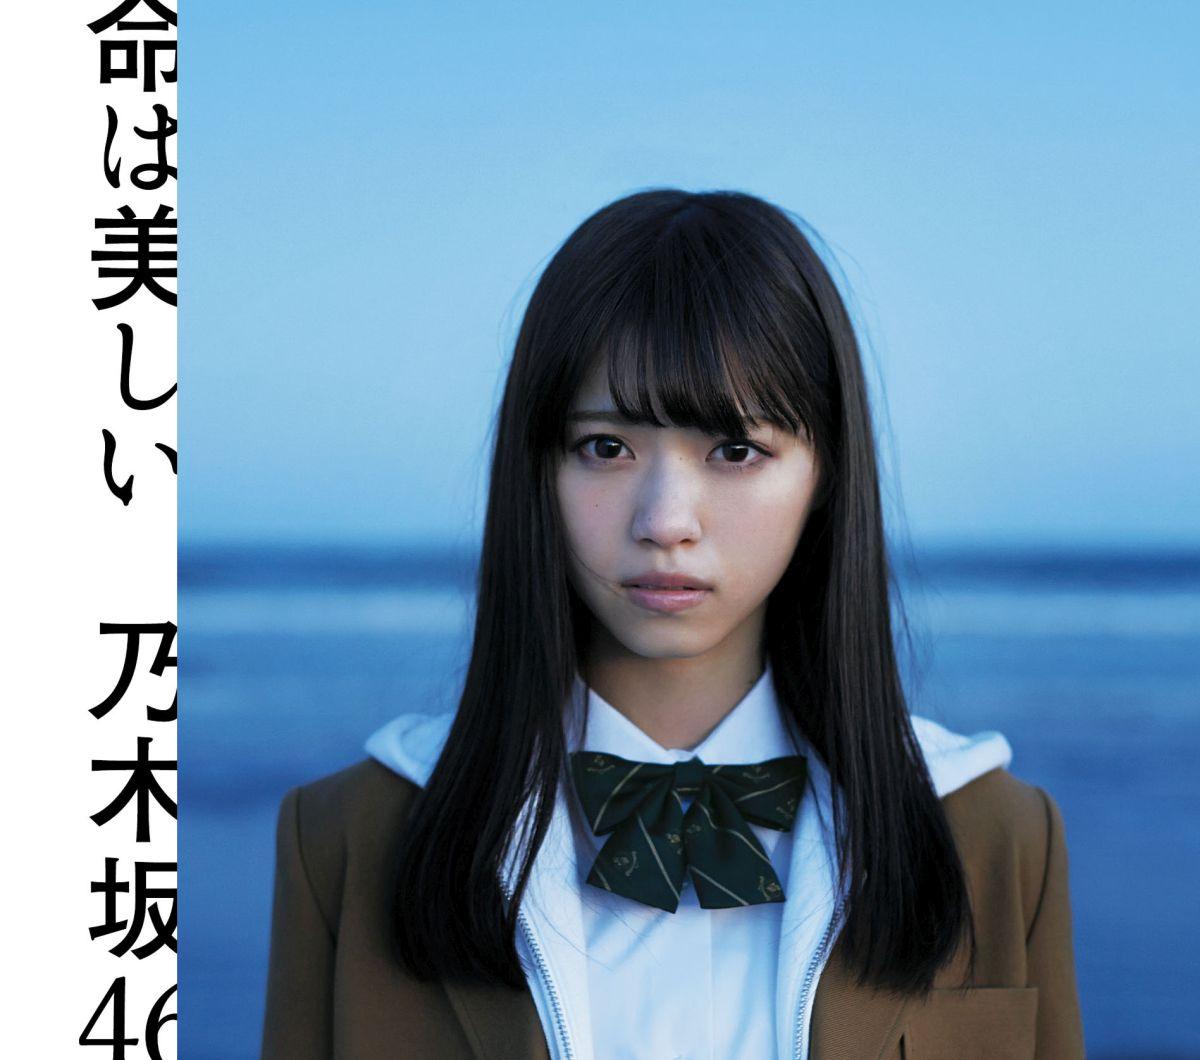 命は美しい (Type-A CD+DVD) [ 乃木坂46 ]